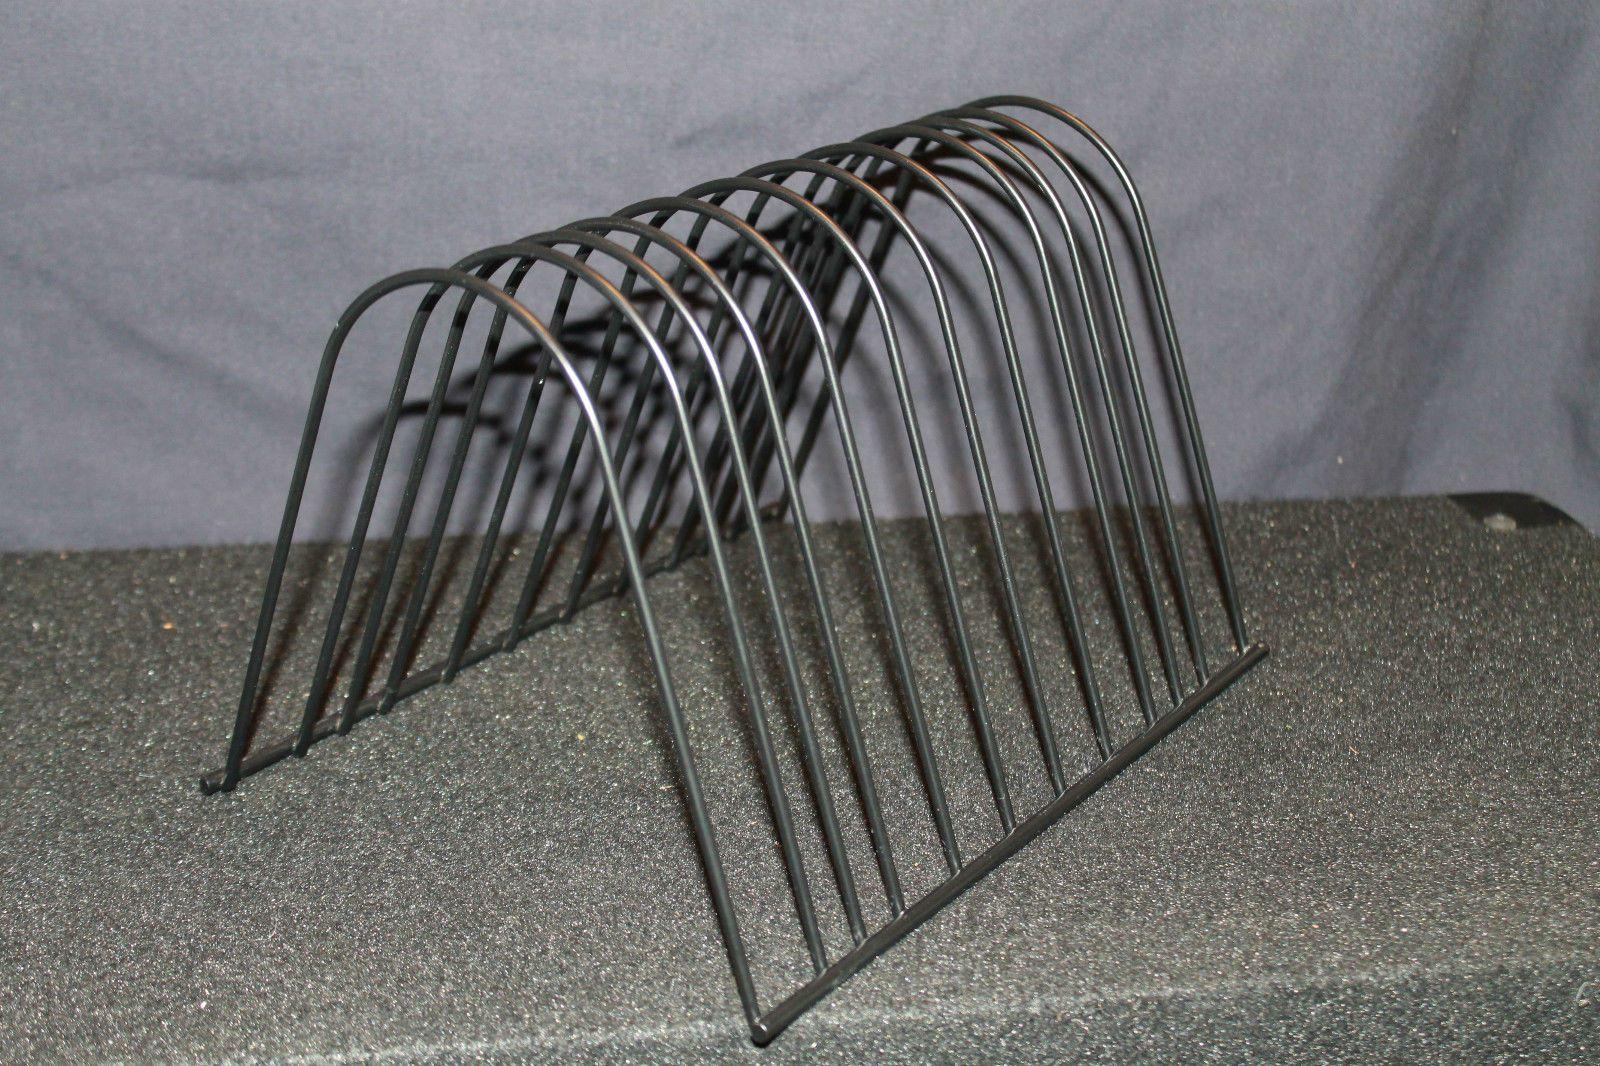 Vintage Lp Metal Wire Storage Rack Stand Holder Display